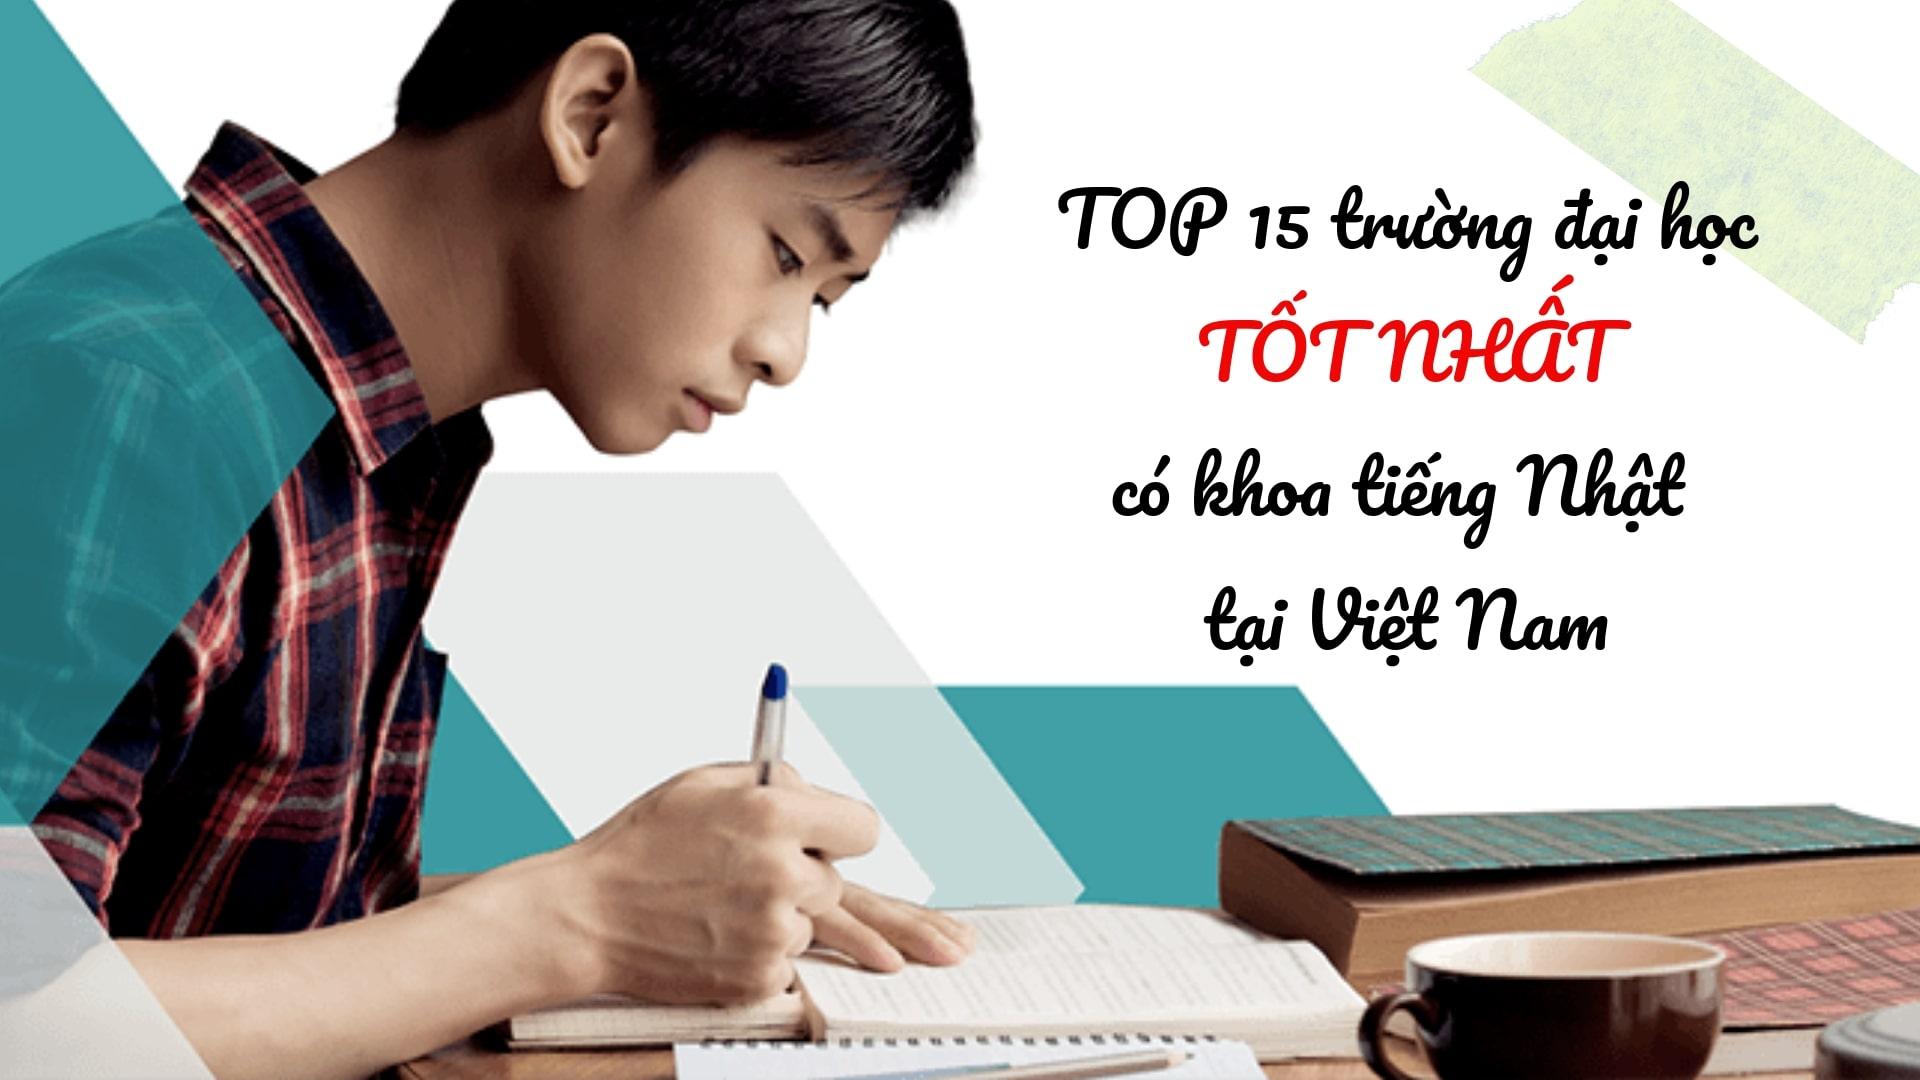 TOP 15 trường đại học TỐT NHẤT có khoa tiếng Nhật tại Việt Nam